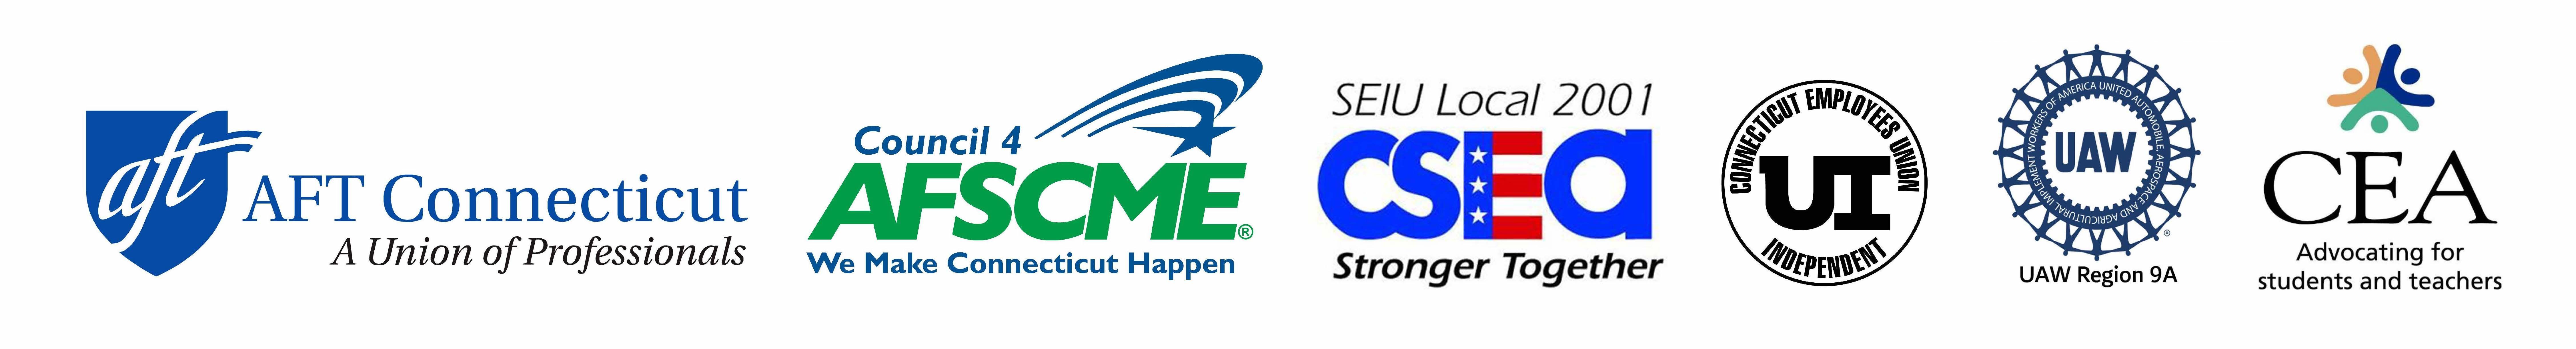 Coalition_logos